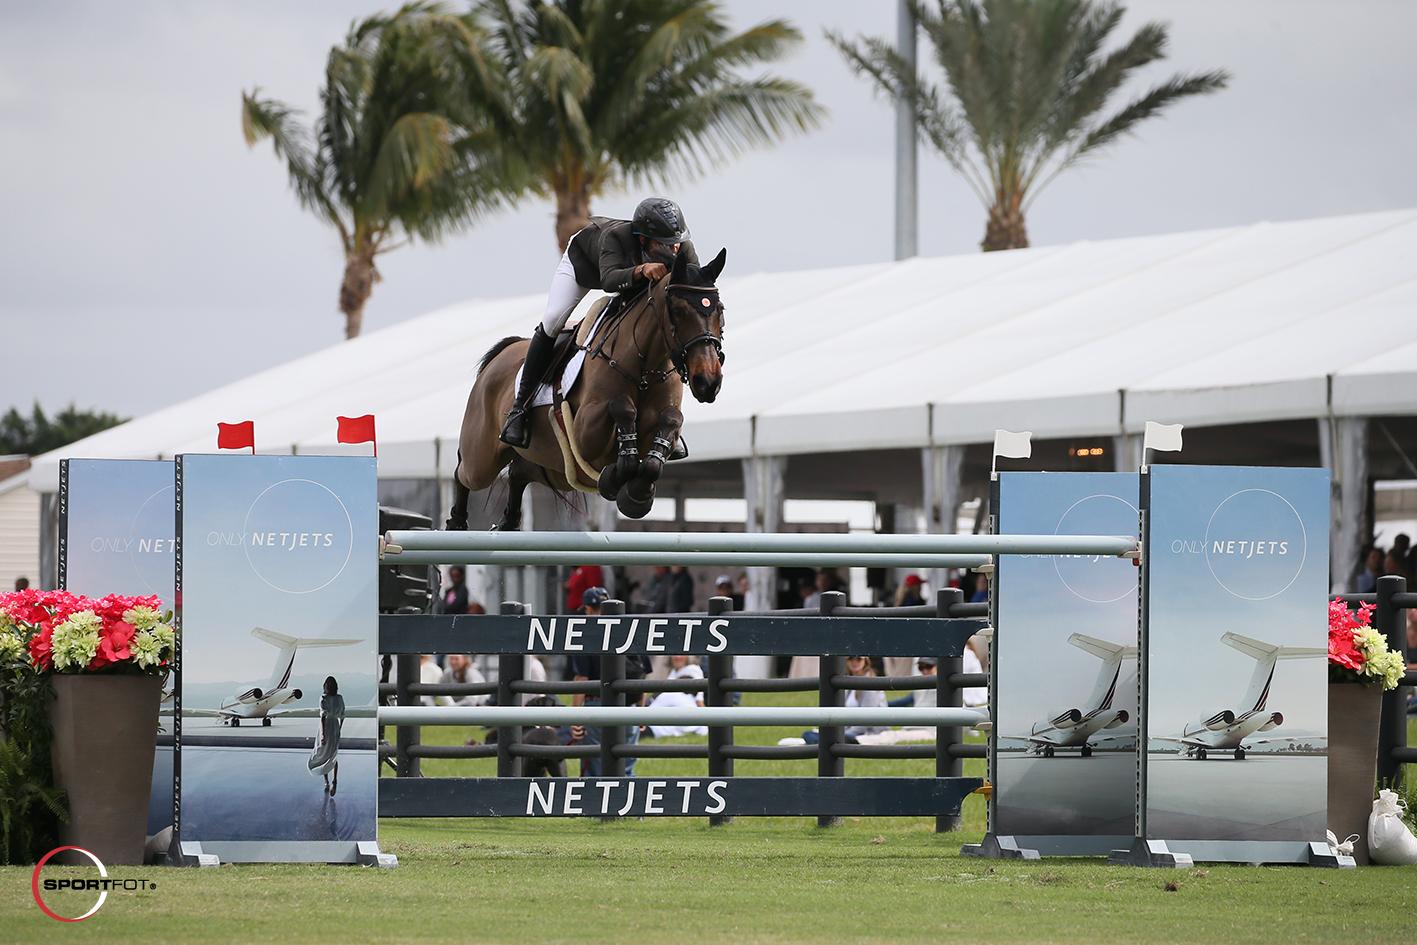 Daniel Bluman and Sancha LS NetJetsGP 298_8975 Sportfot